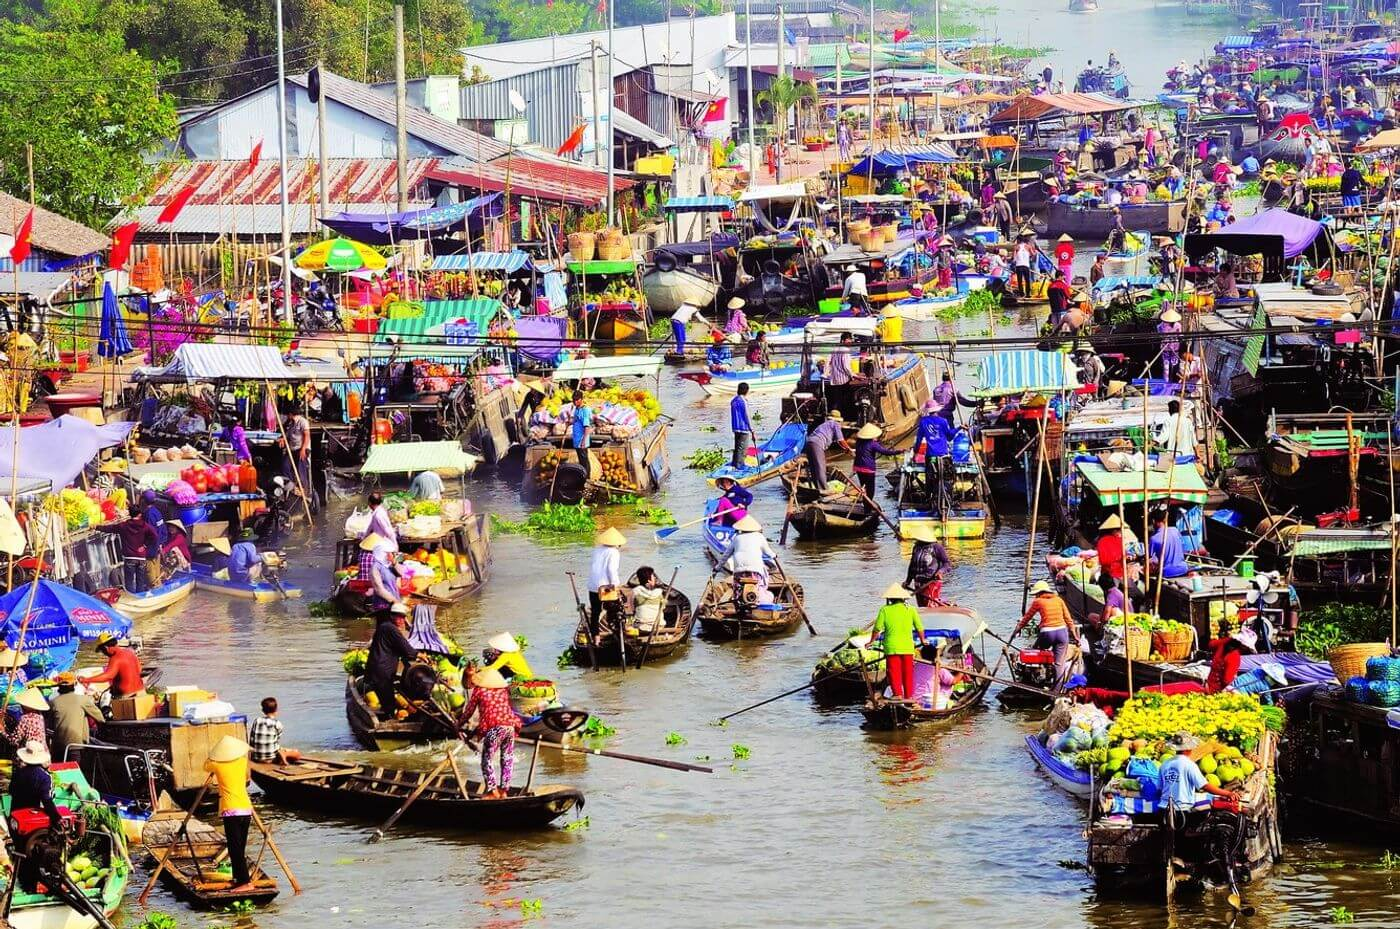 Chợ Nổi Cái Răng - Đặc trưng văn hóa truyền thống miền sông nước